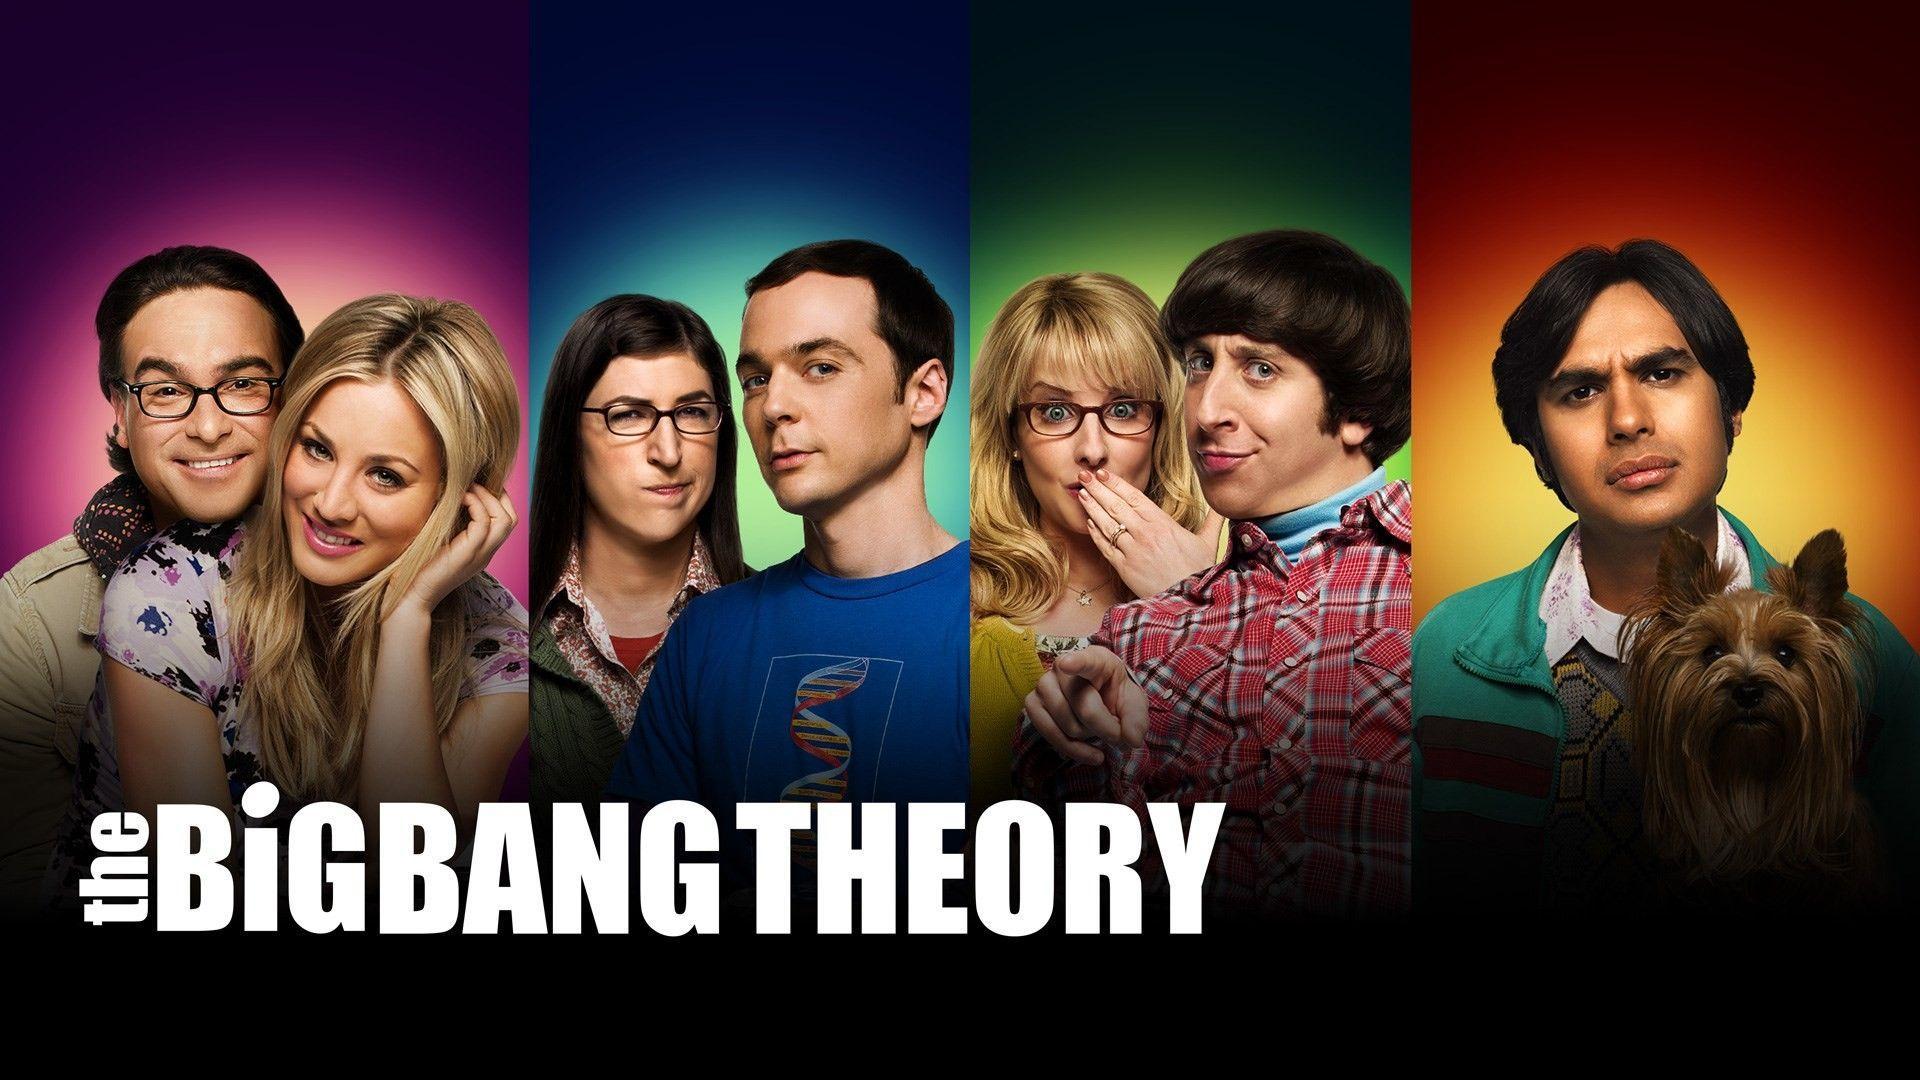 Big Bang Theory Wallpapers Top Free Big Bang Theory Backgrounds